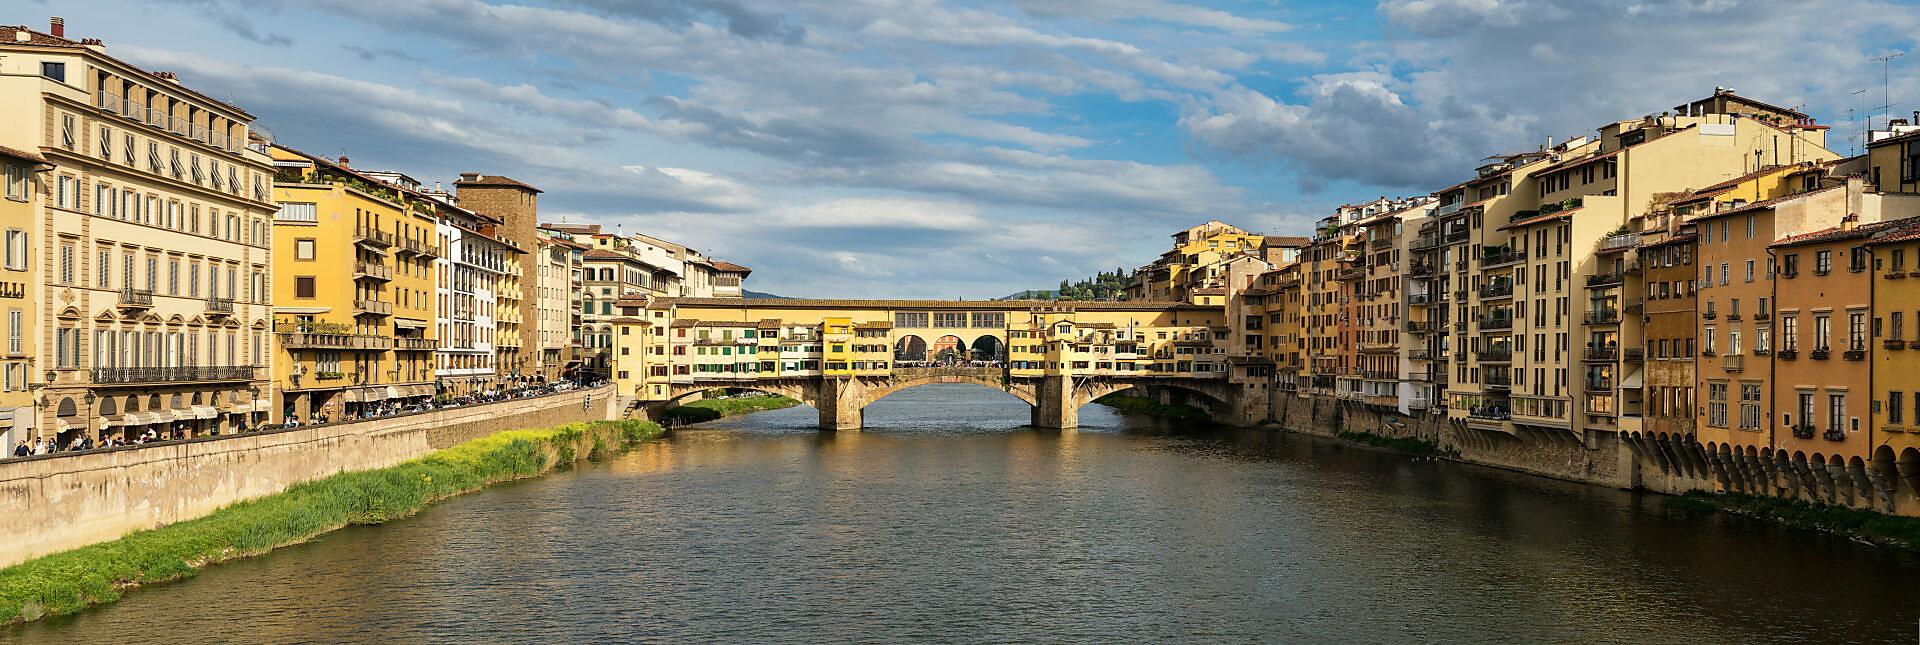 Panorama, Florence, Ponte Vecchio, view from Ponte S. Trinita